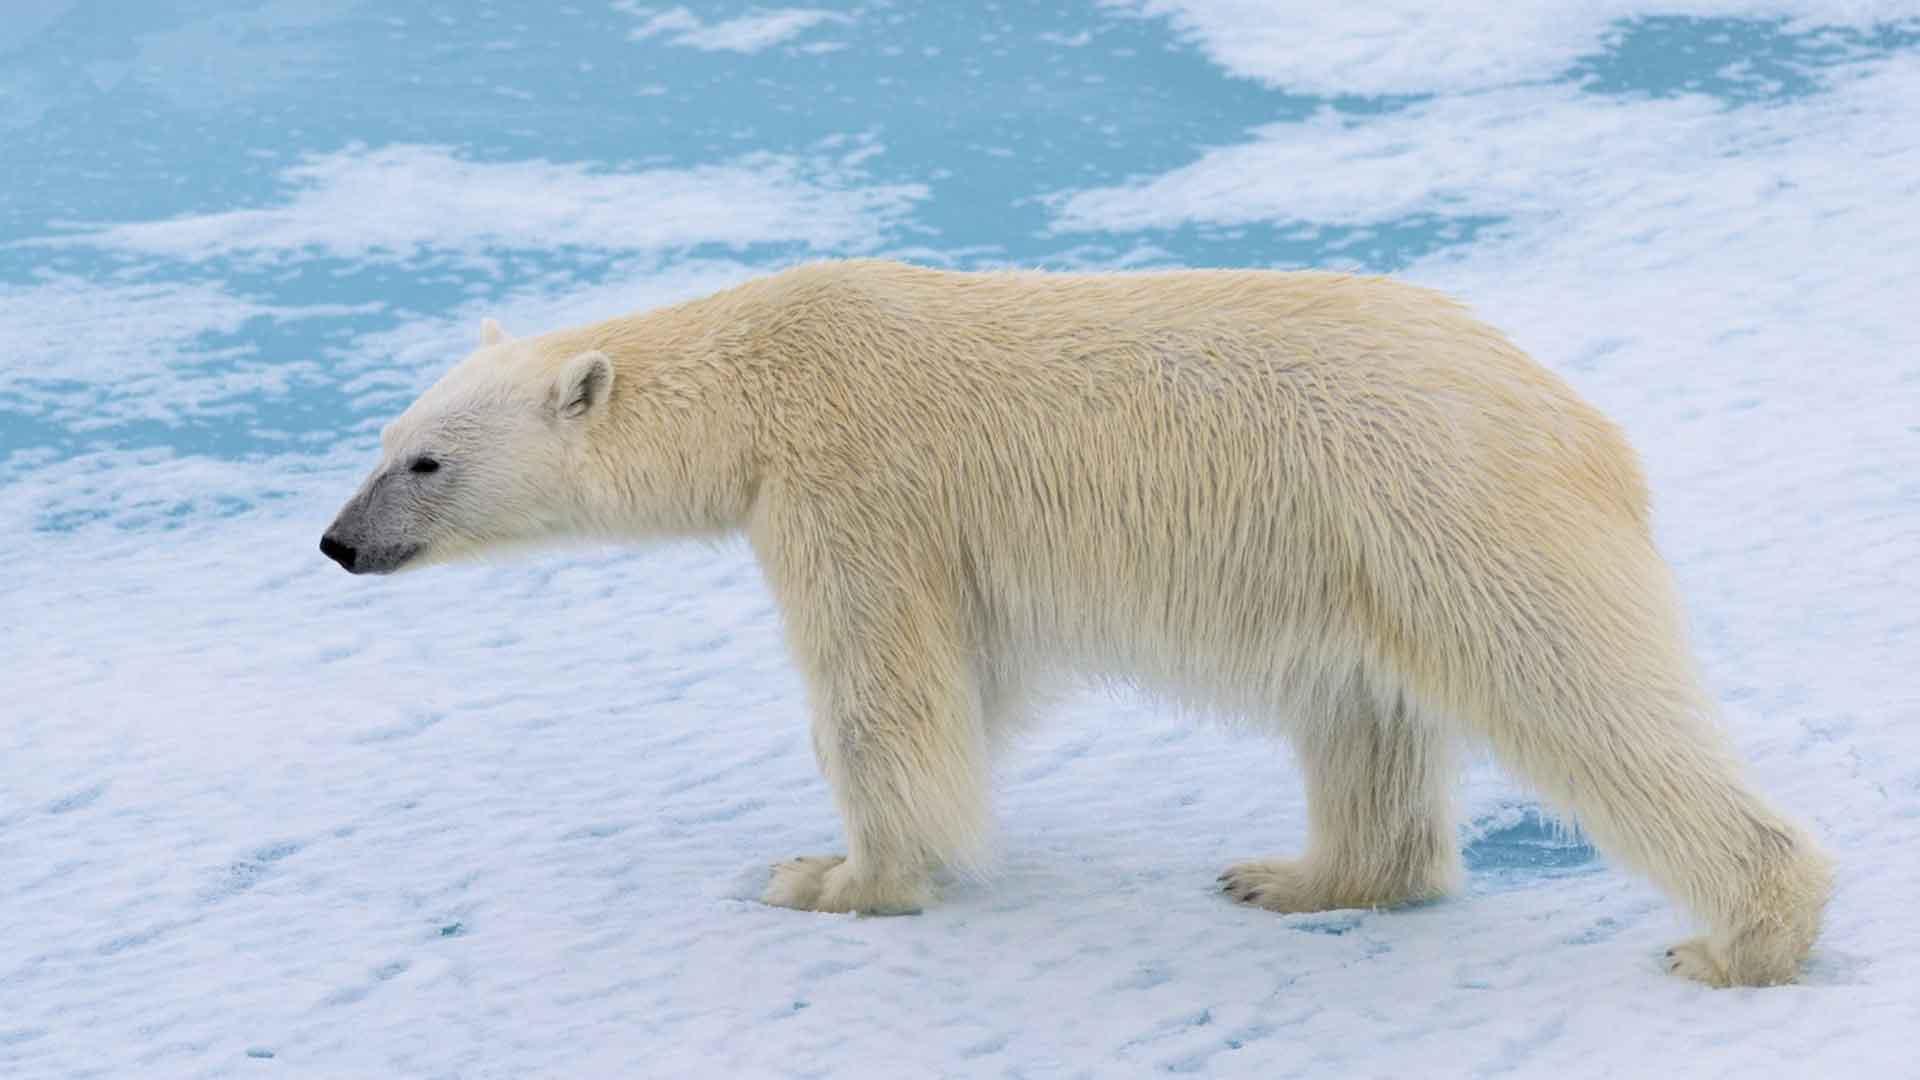 مطالب تکمیلی - خرس قطبی بیچاره